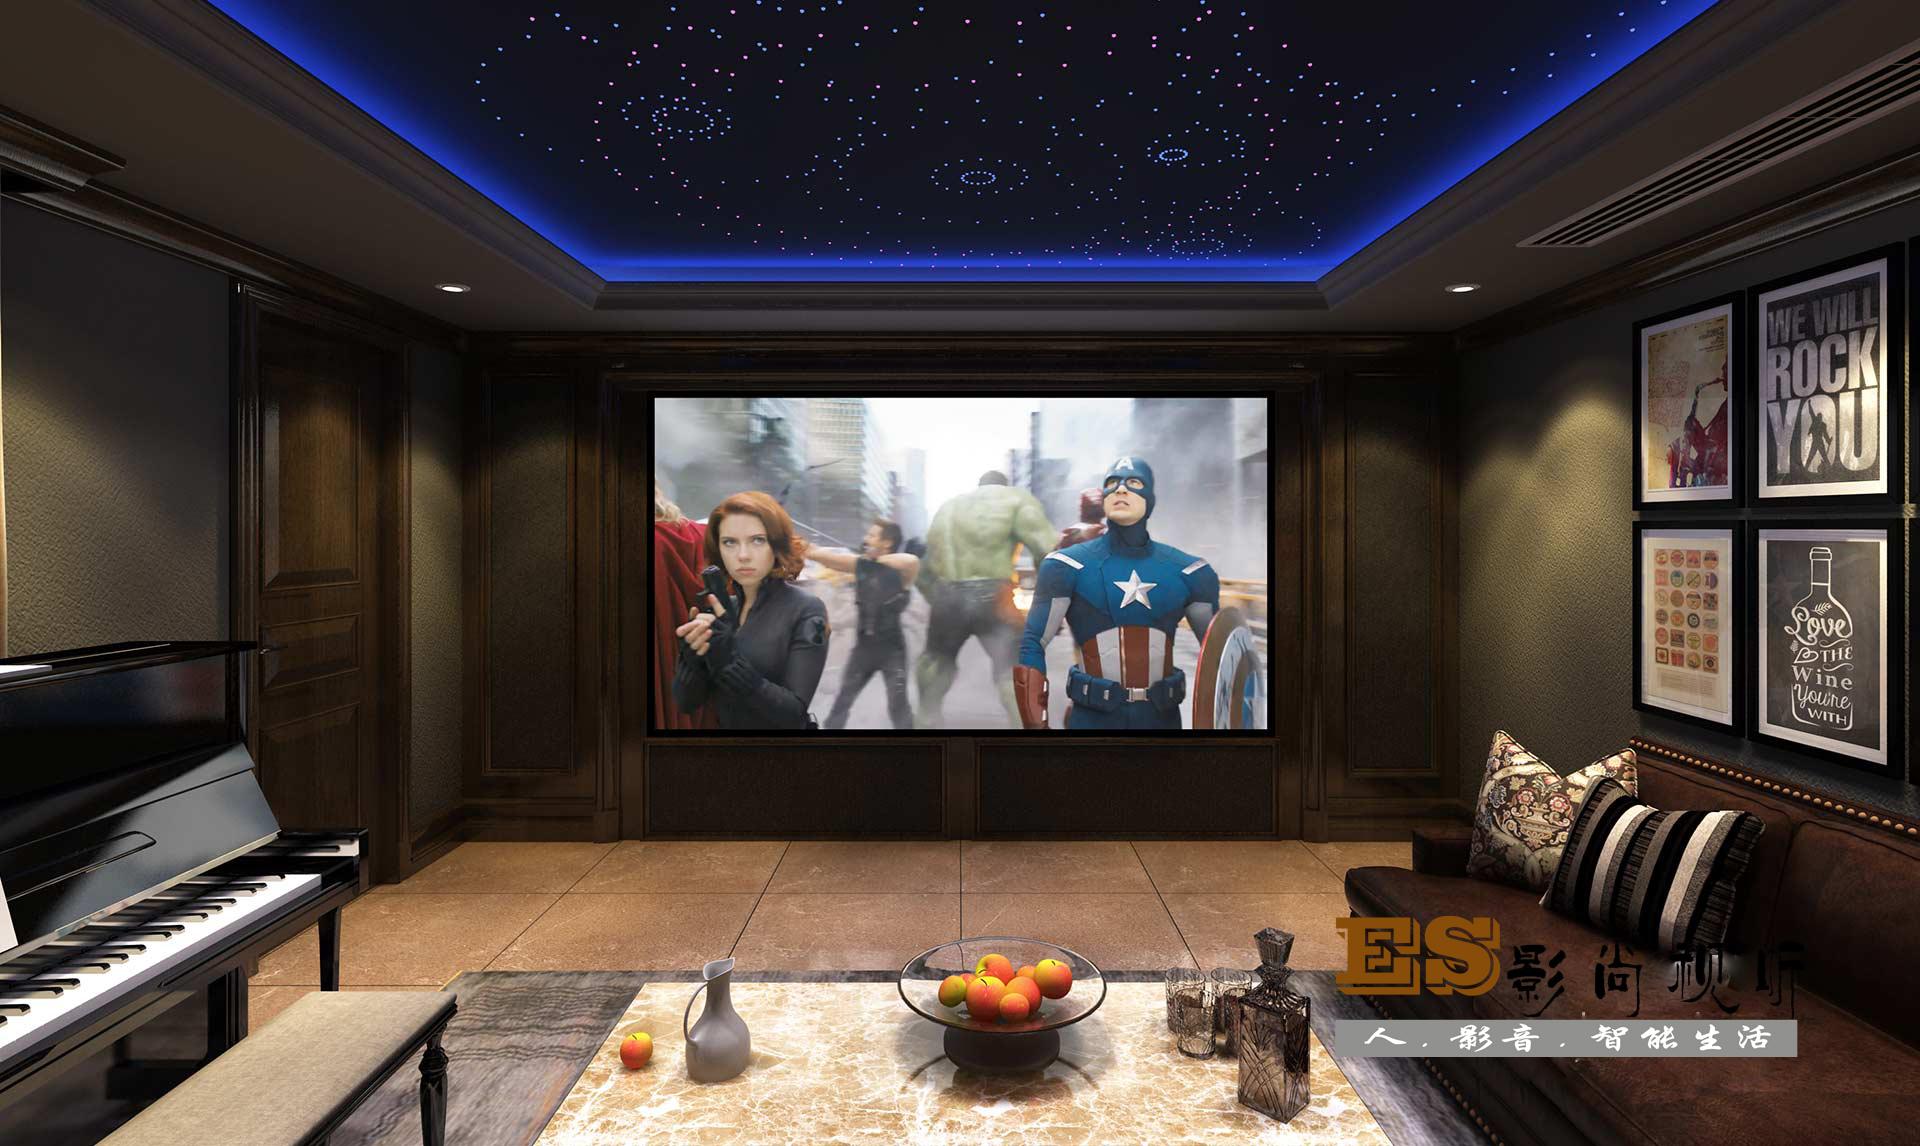 智能家庭影院定制安装一定要考虑的几大问题